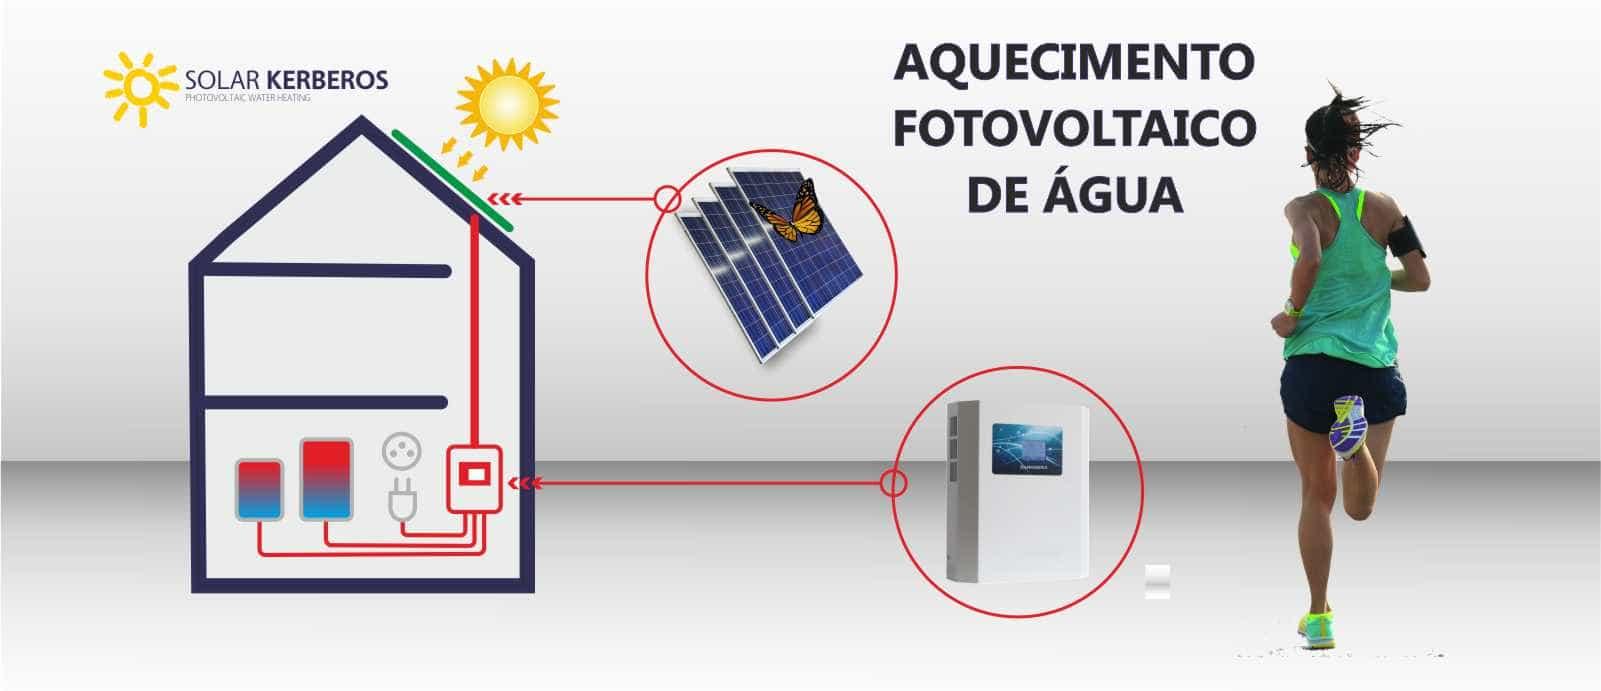 aquecimento de água por via fotovoltaica Polisol